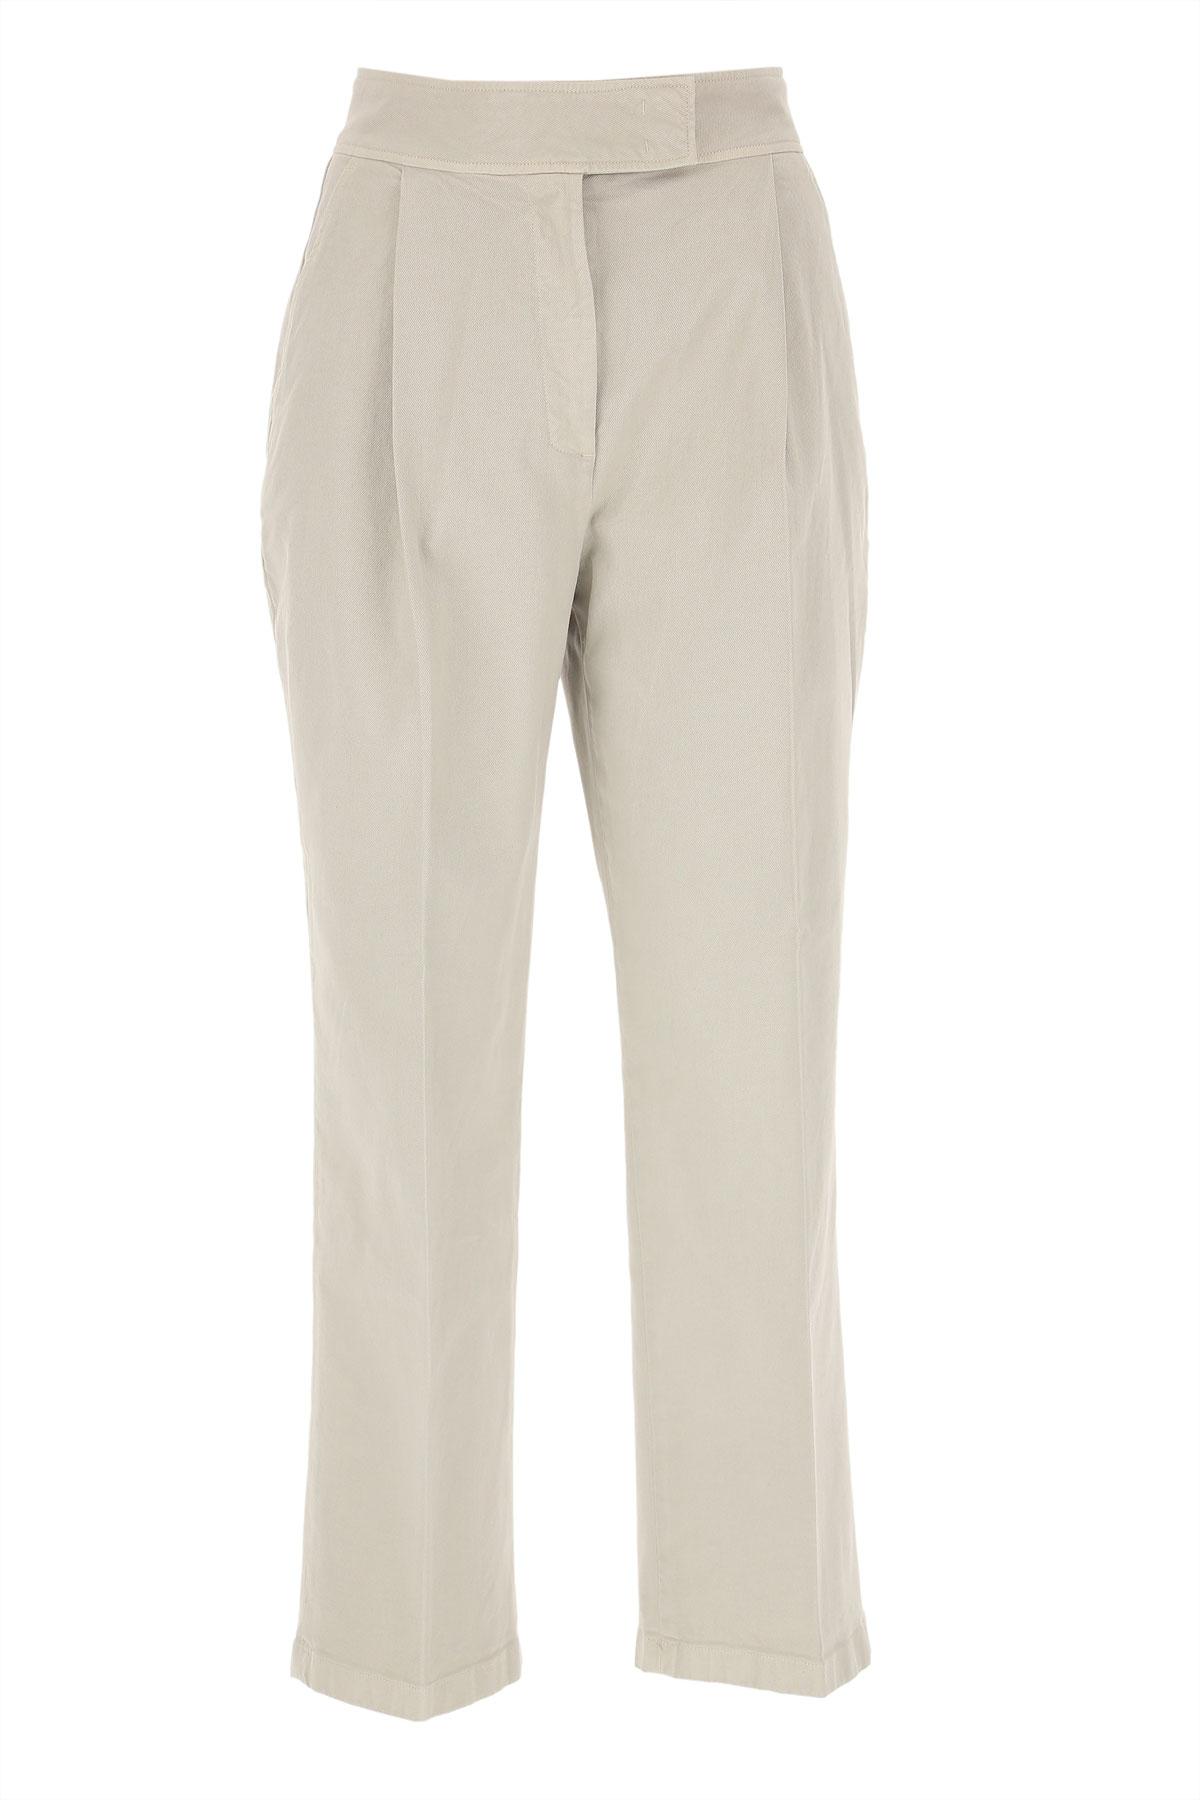 Department Five Pants for Women, Chalk, Cotton, 2019, 25 26 27 28